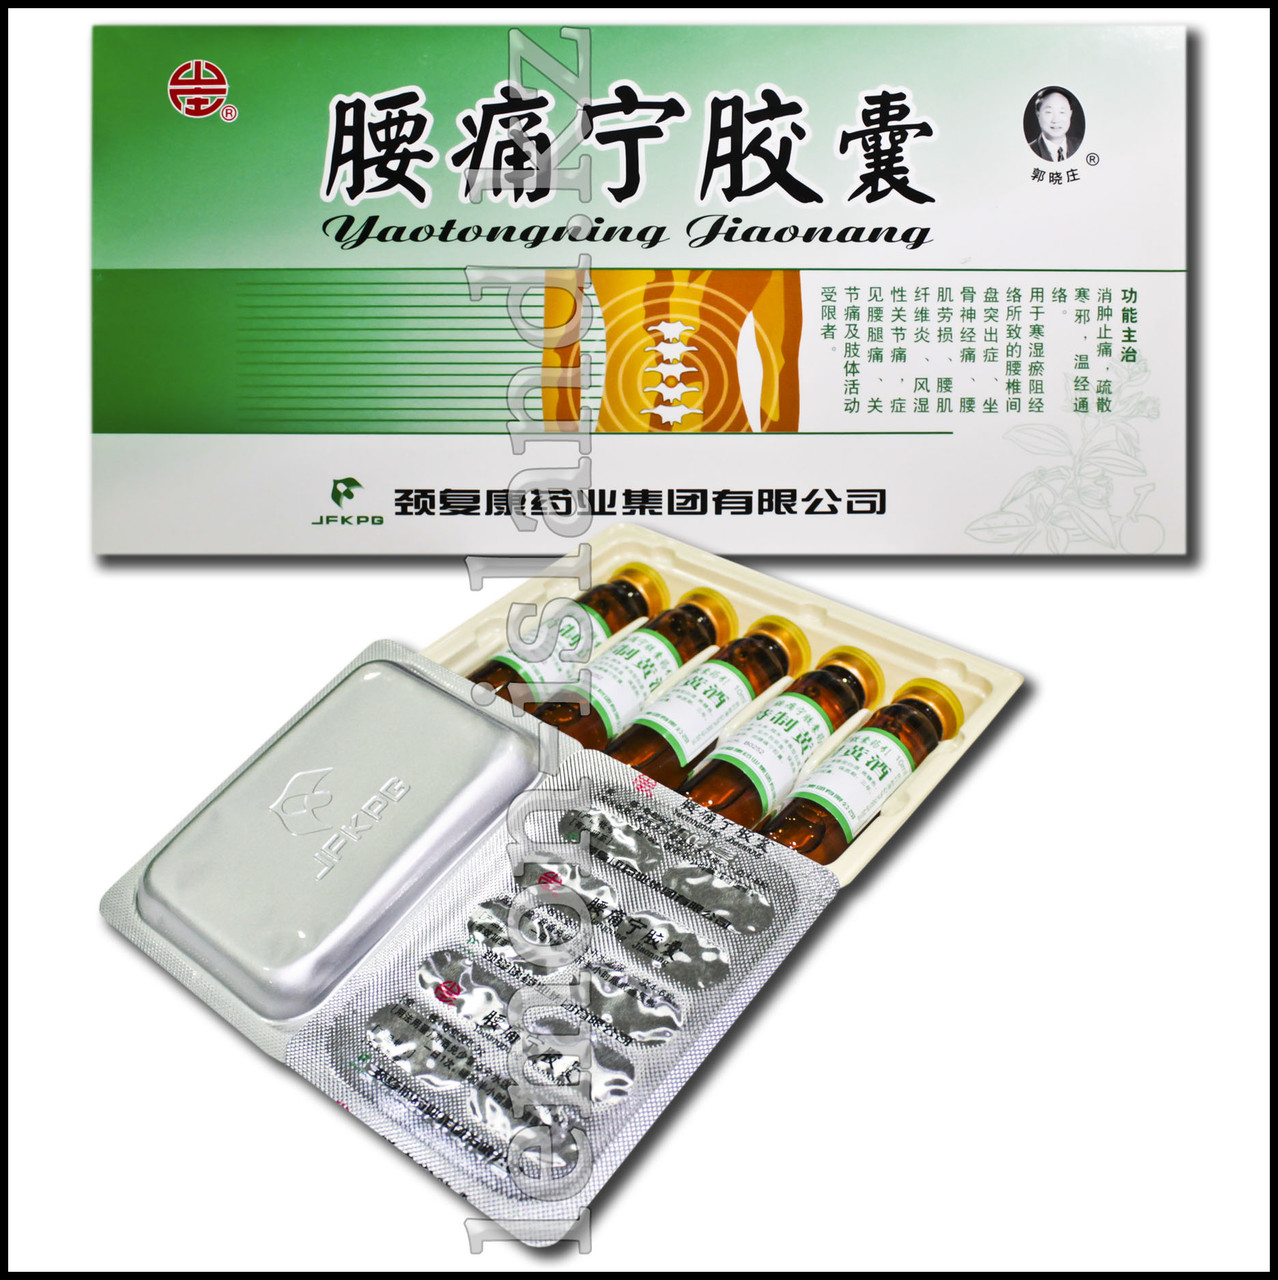 """Комплекс для оздоровления позвоночника """"Яотуннин"""" (Yaotongning Jiaonang)."""